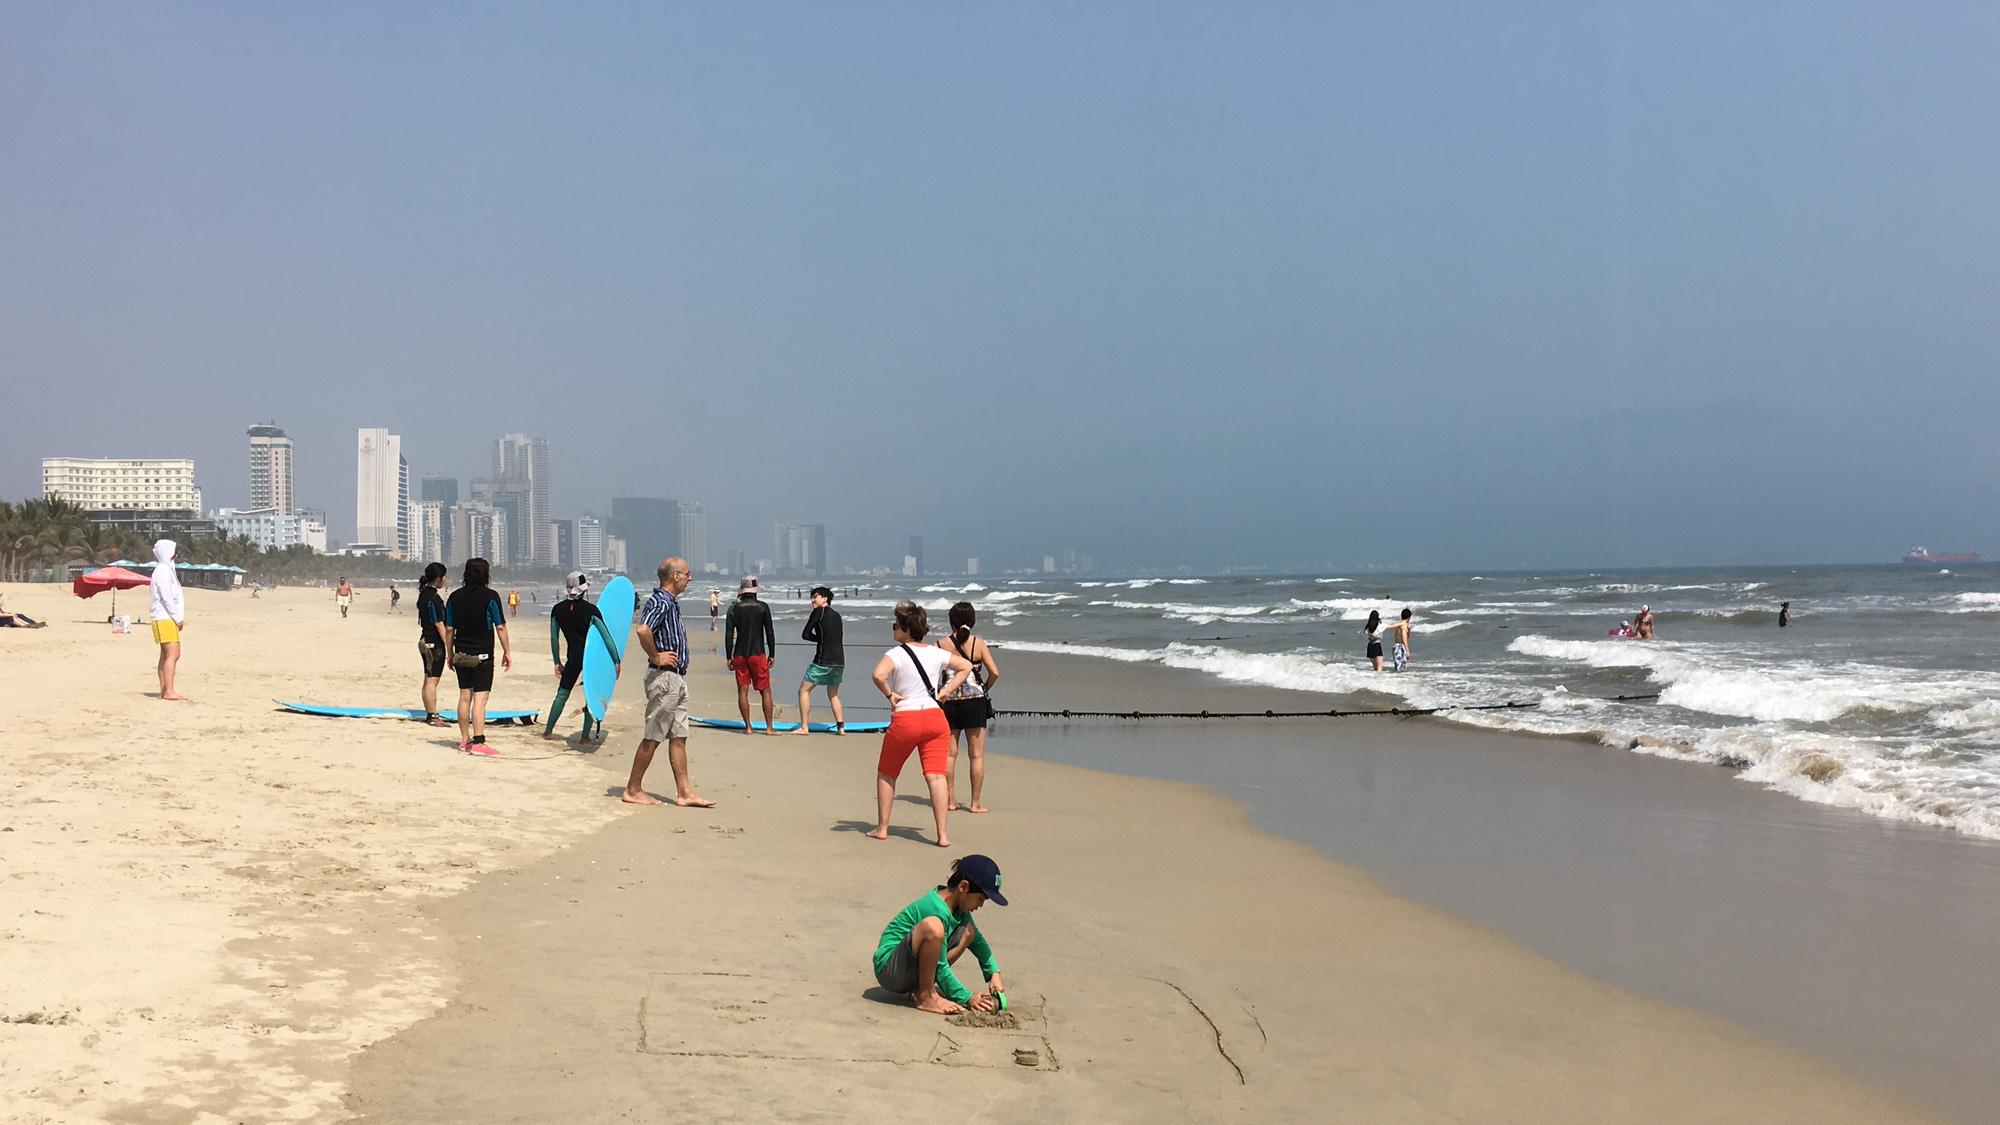 Đà Nẵng: Du khách thảnh thơi vui chơi ở bãi biển khi dịch Covid-19 được phòng tốt - Ảnh 10.